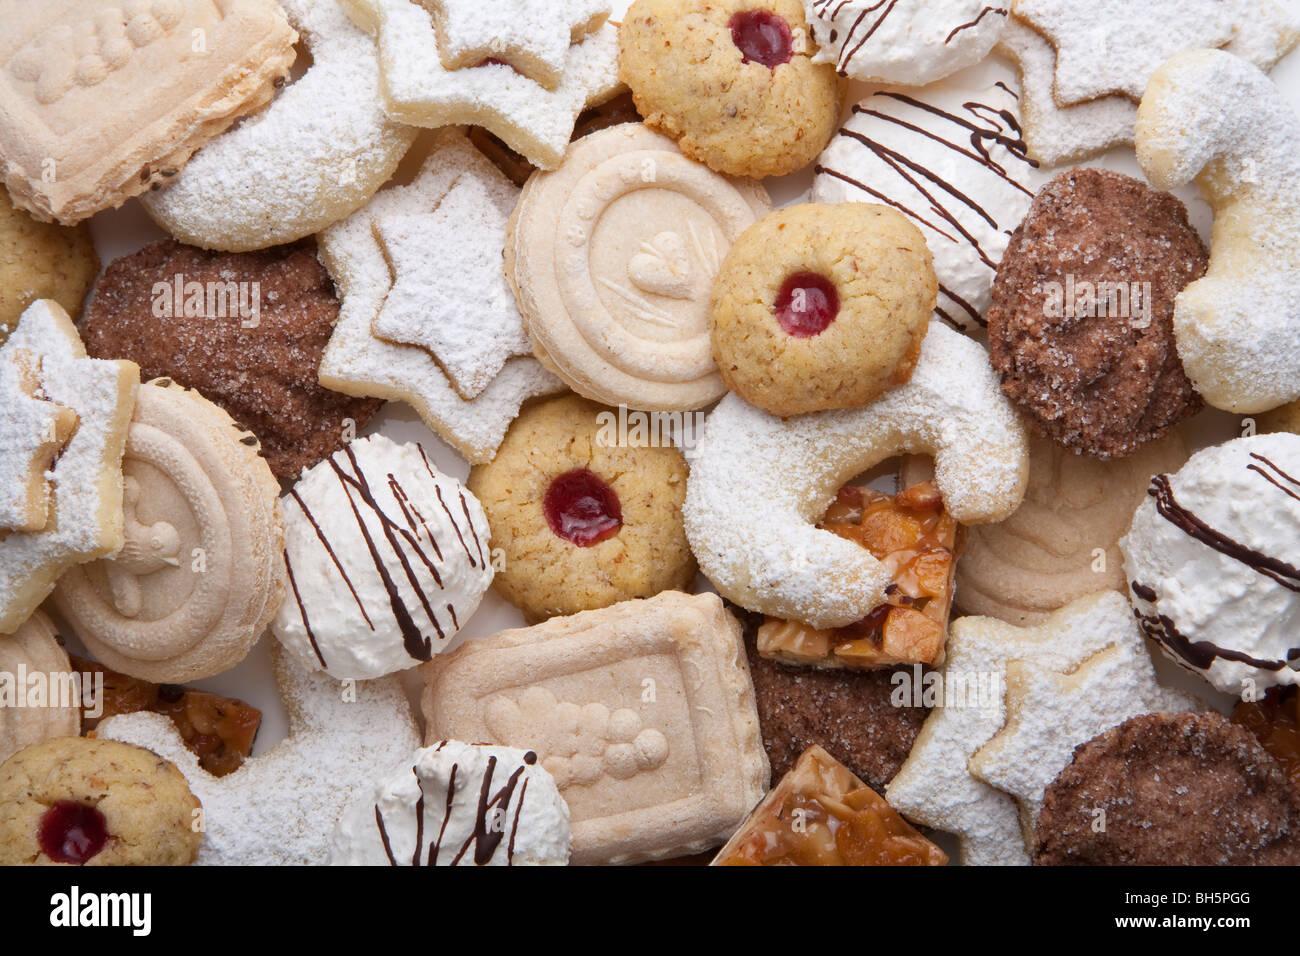 Weihnachtsgebäck Springerle.Vanillekipferl Stock Photos Vanillekipferl Stock Images Alamy